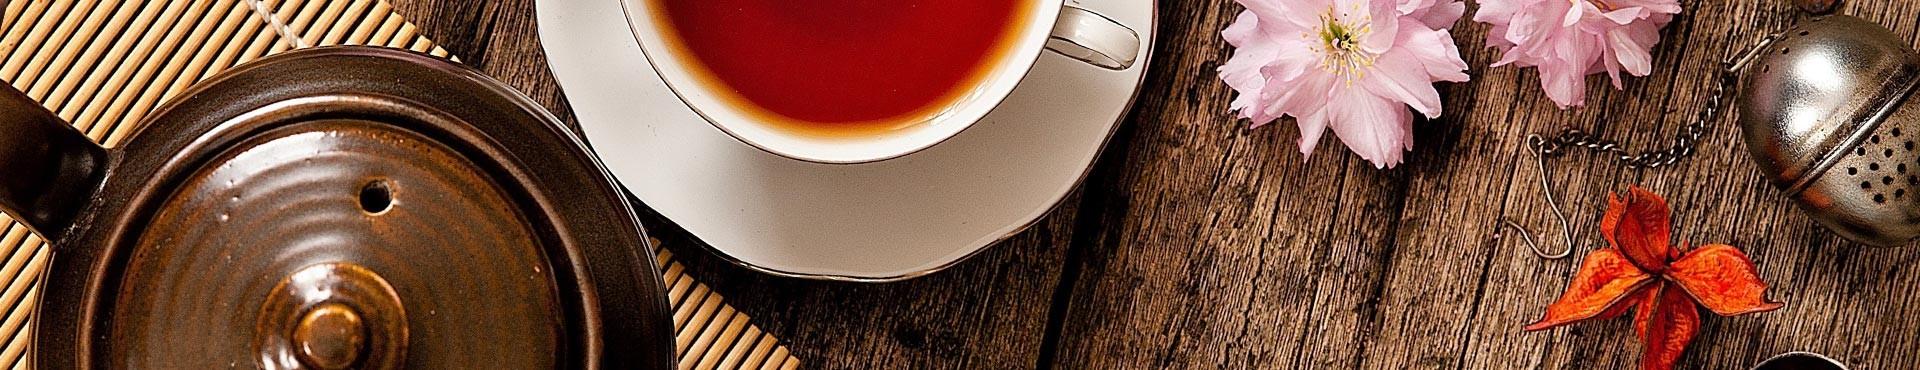 Nos thés - OnWine